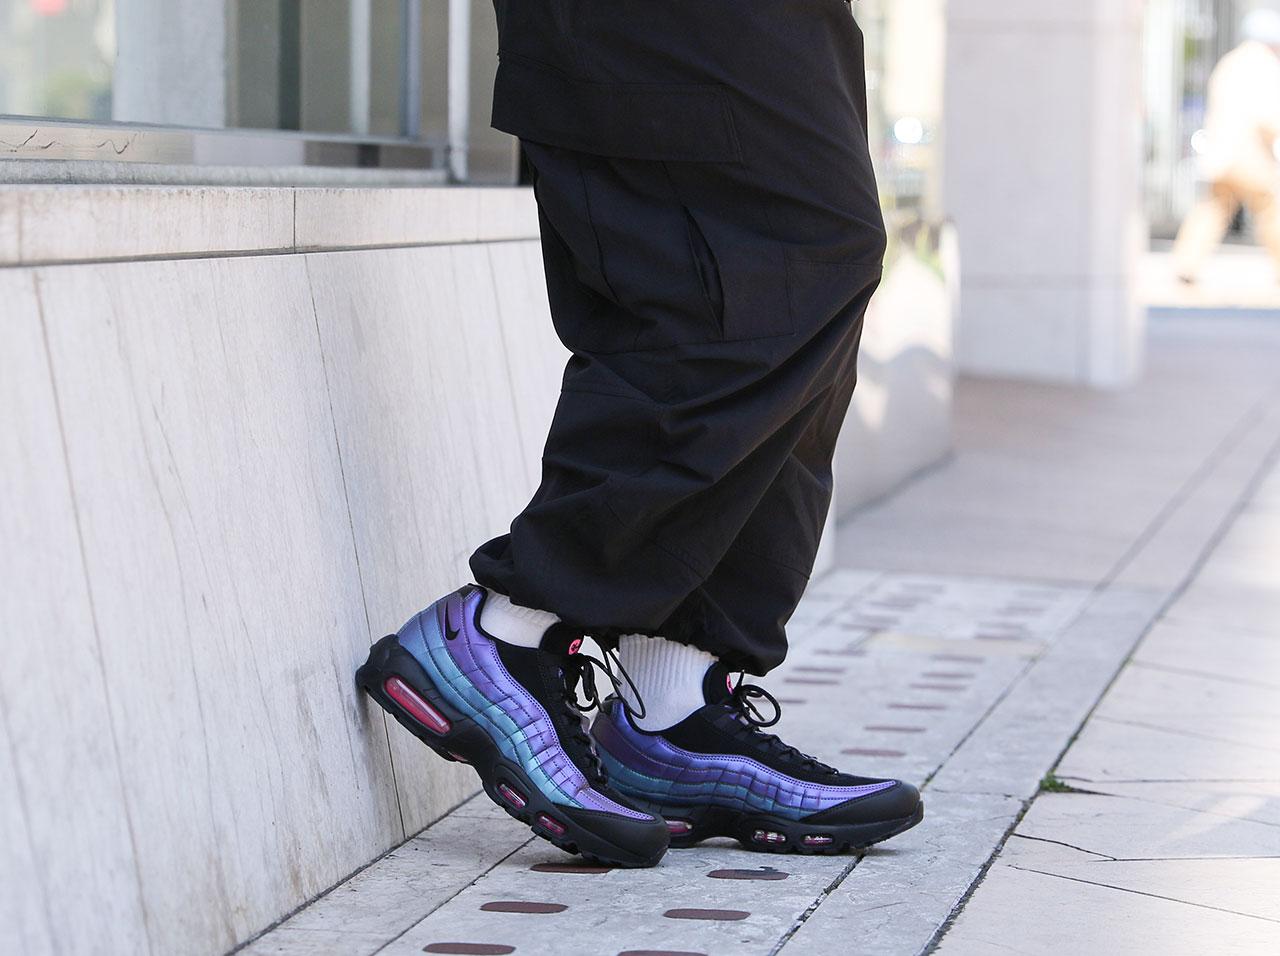 【全品ポイント10倍!期間限定★今すぐエントリー!(4/1~4/30)】NIKE AIR MAX 95 PRM(538416-021)【ナイキ】【メンズファッション【シューズ】【靴】【スニーカー】【フットウェア】